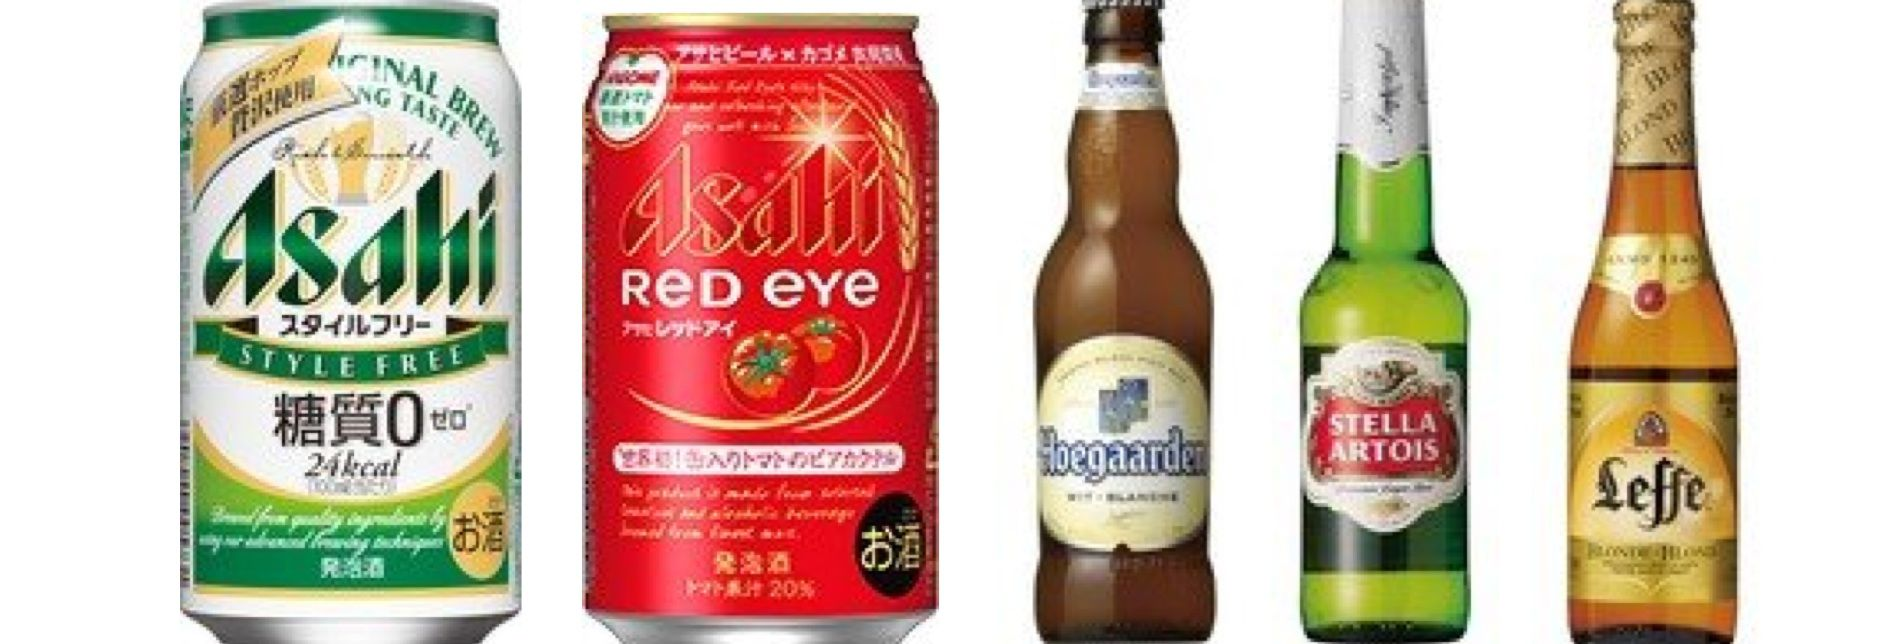 牧嶋酒店(お酒、食品、日用雑貨などを販売する横浜市神奈川区)